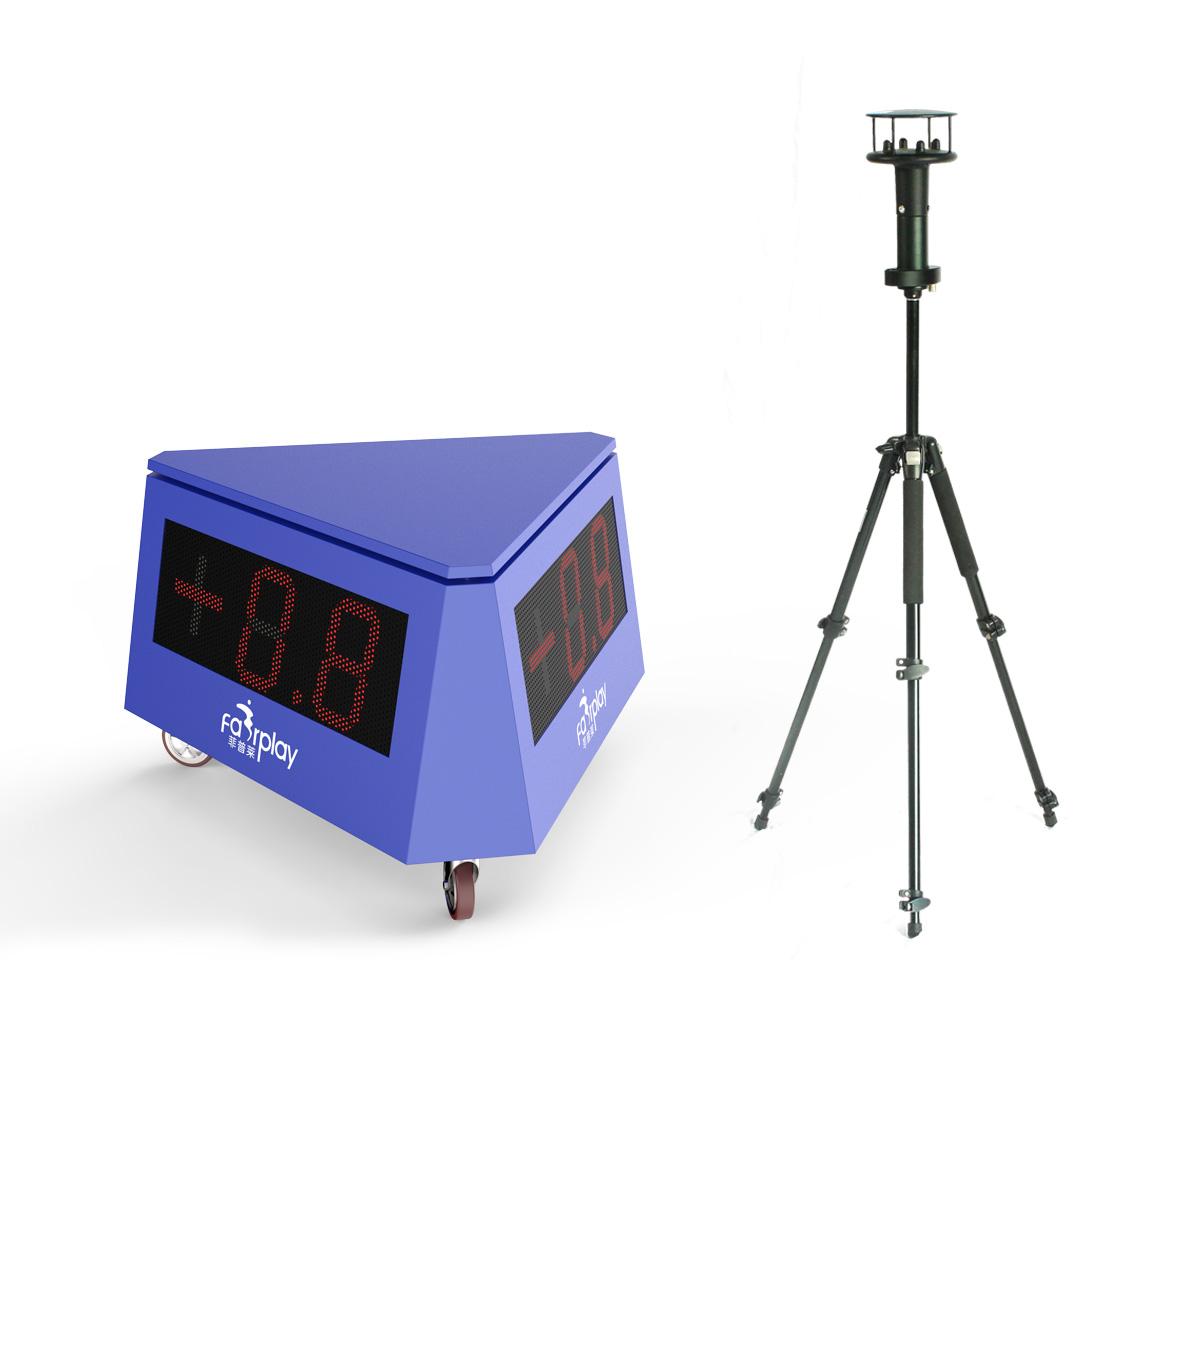 超声风速测量显示系统